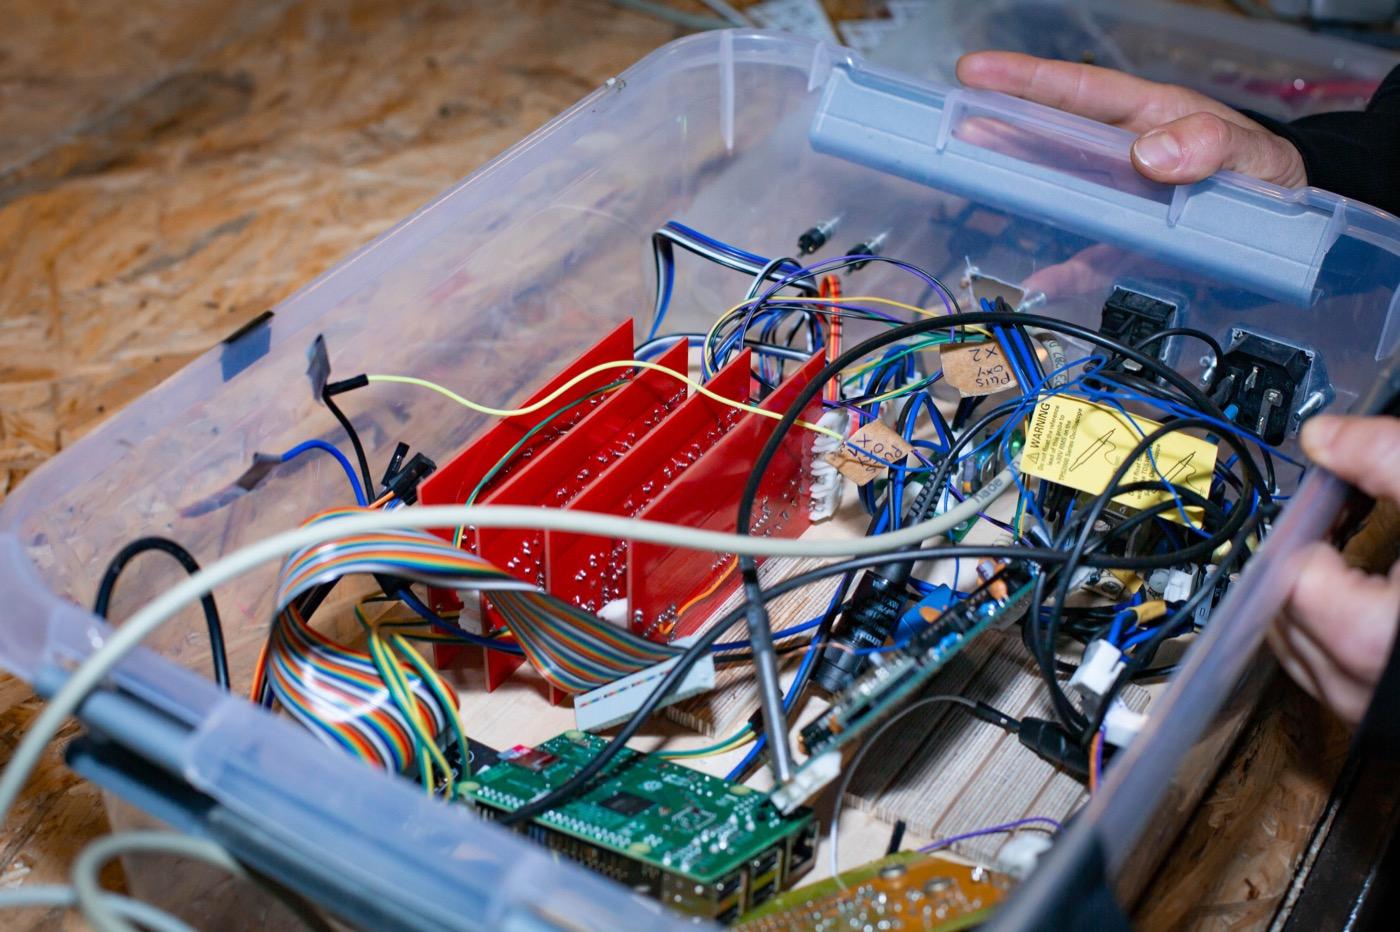 Bei technischen Innovationen helfen Hochschulen oder die Hacking-Szene.